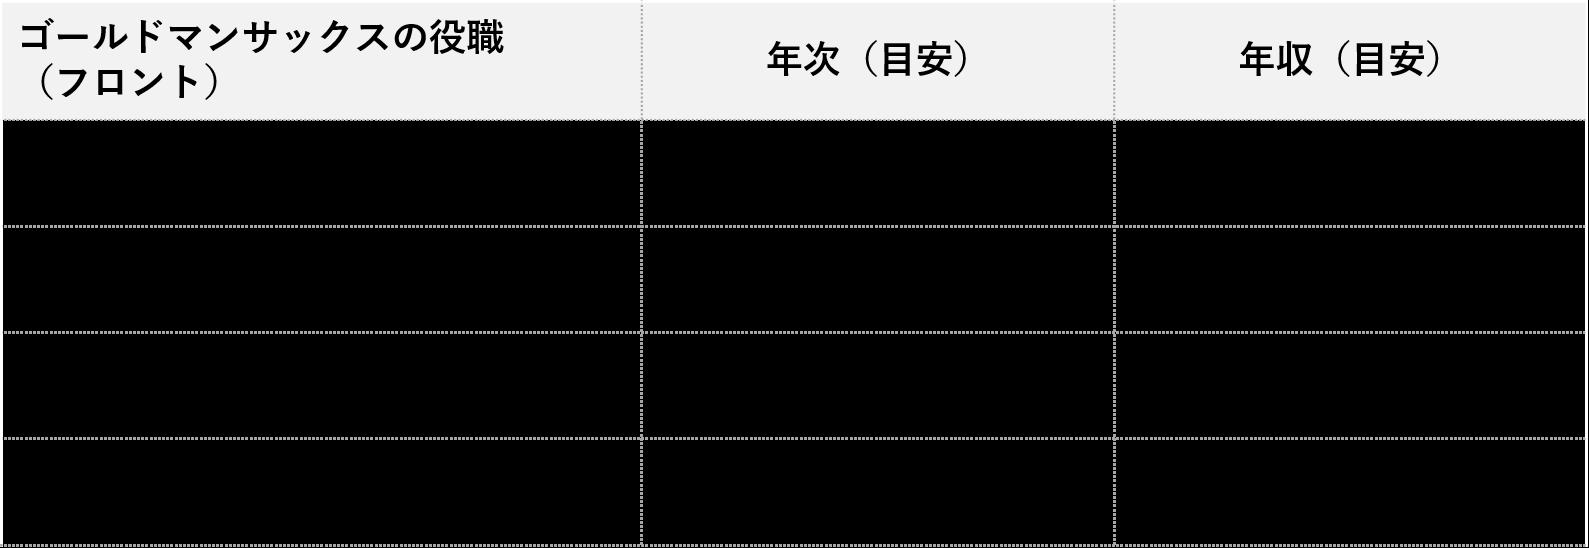 ゴールドマンサックス_役職別年収(フロント)